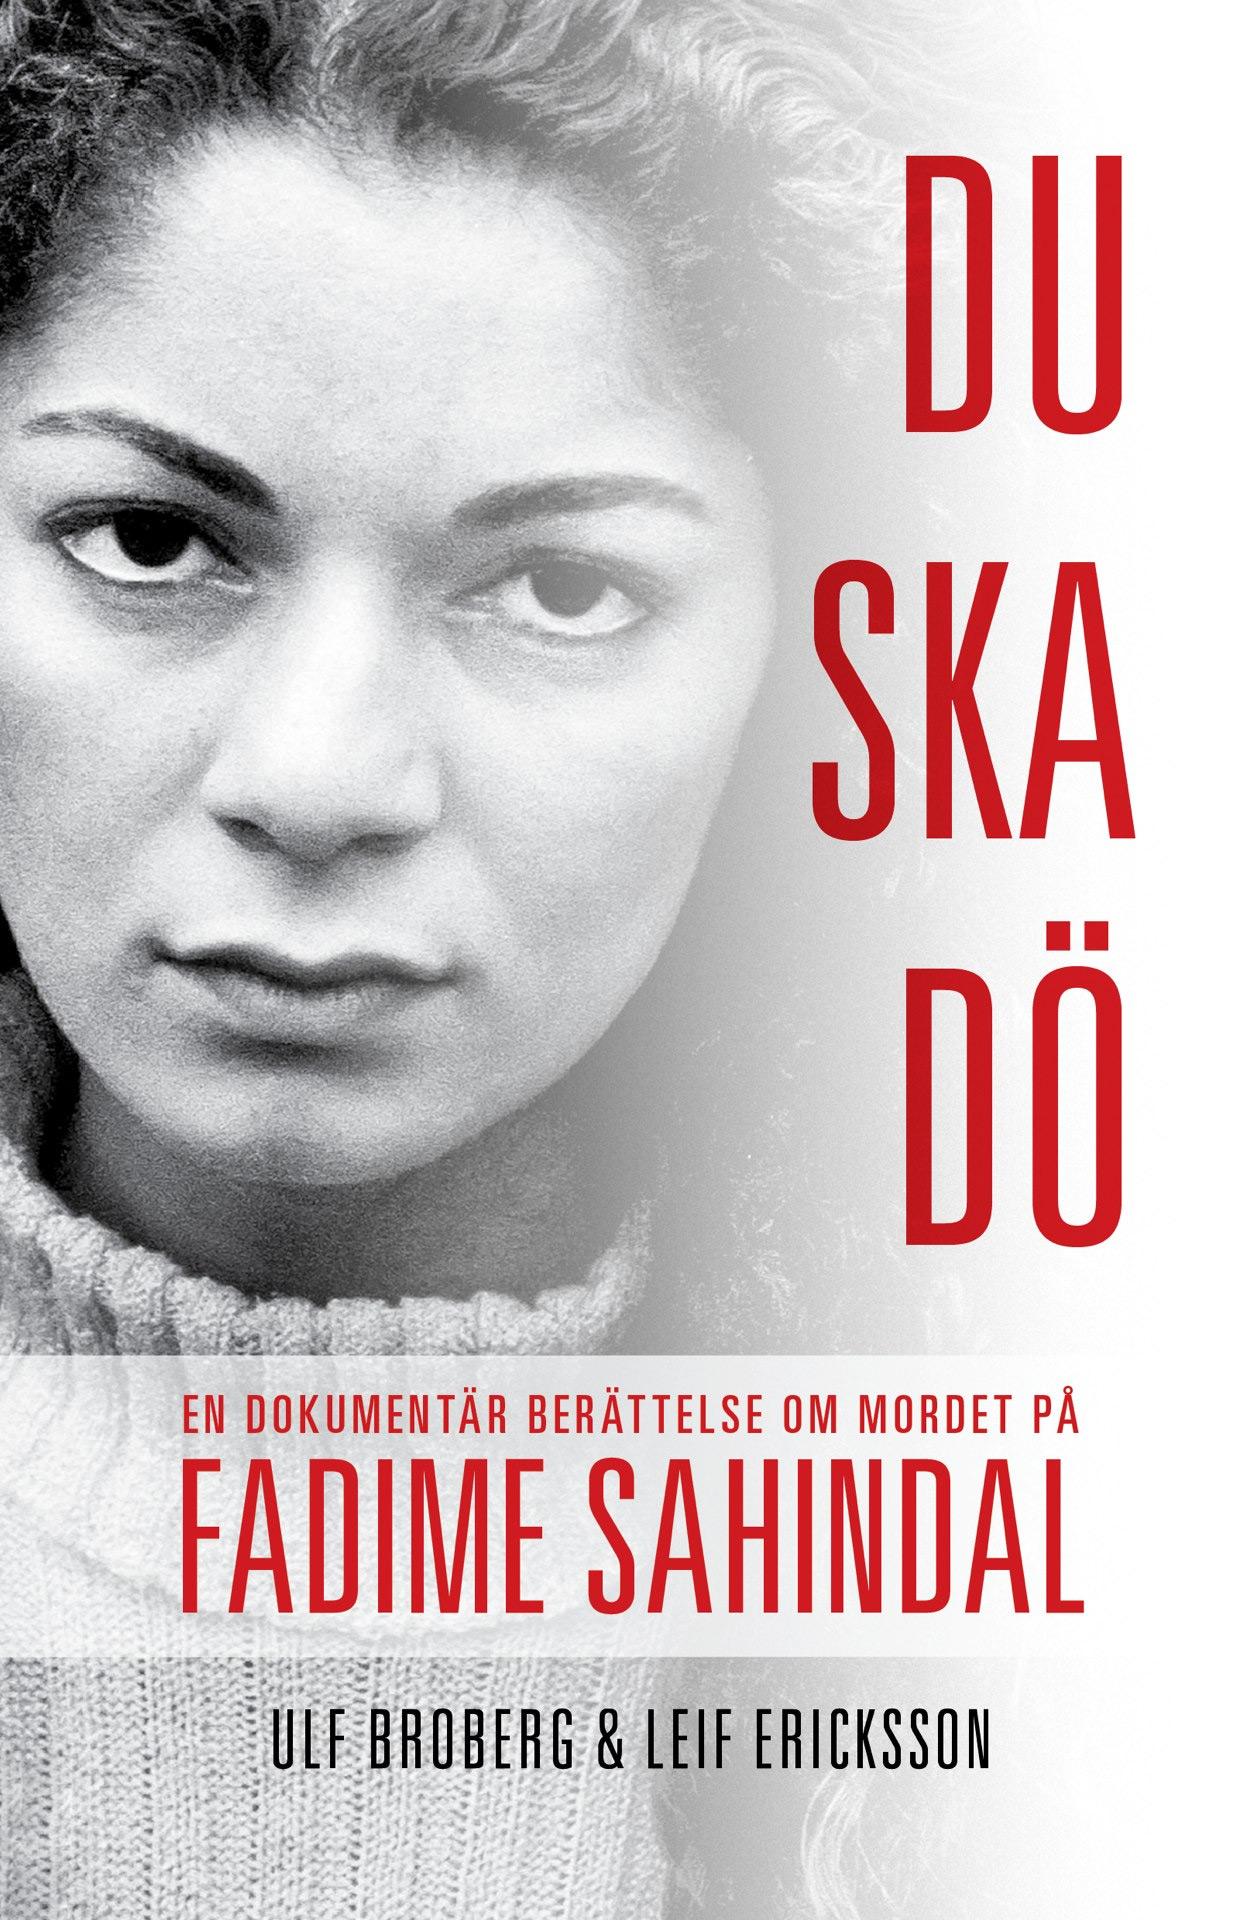 Du ska dö : en dokumentär berättelse om mordet på Fadime Sahindal av Ulf Broberg